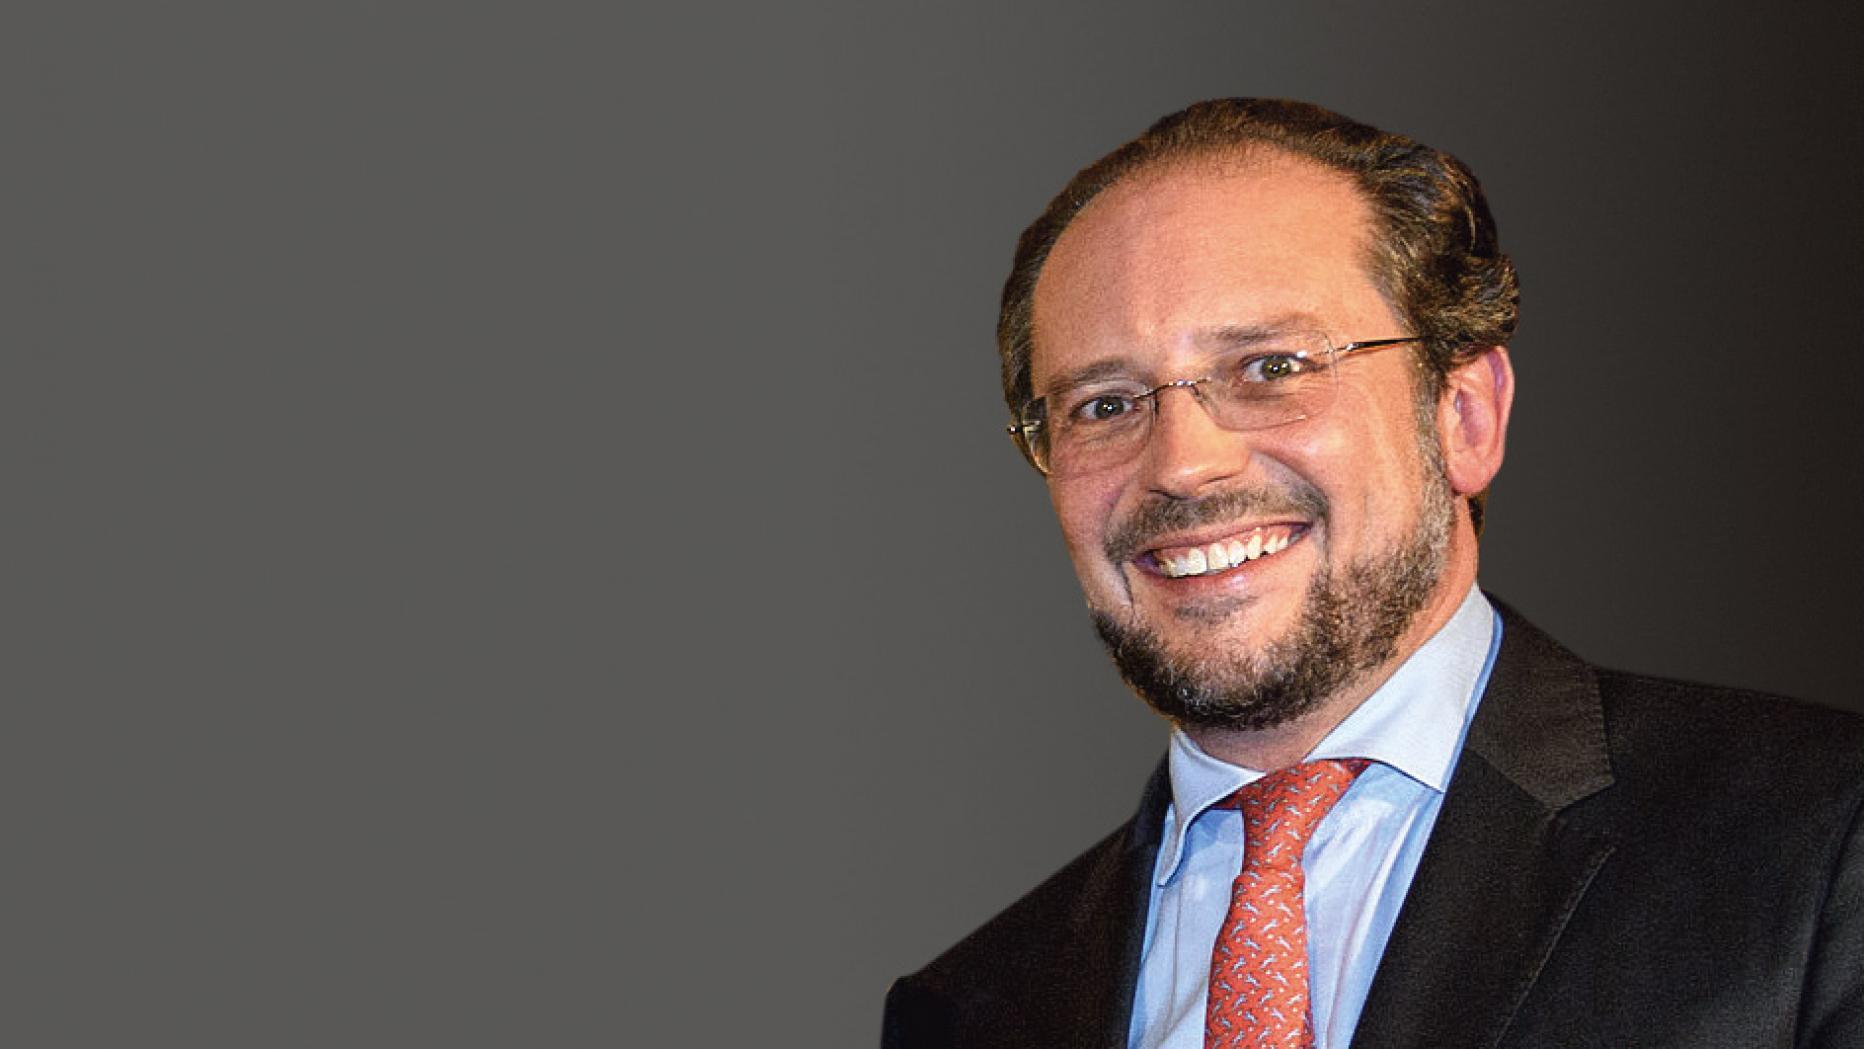 وزير خارجية النمسا : الاعتداء على منظمات الاغاثة هو اعتداء على القانون الدولى